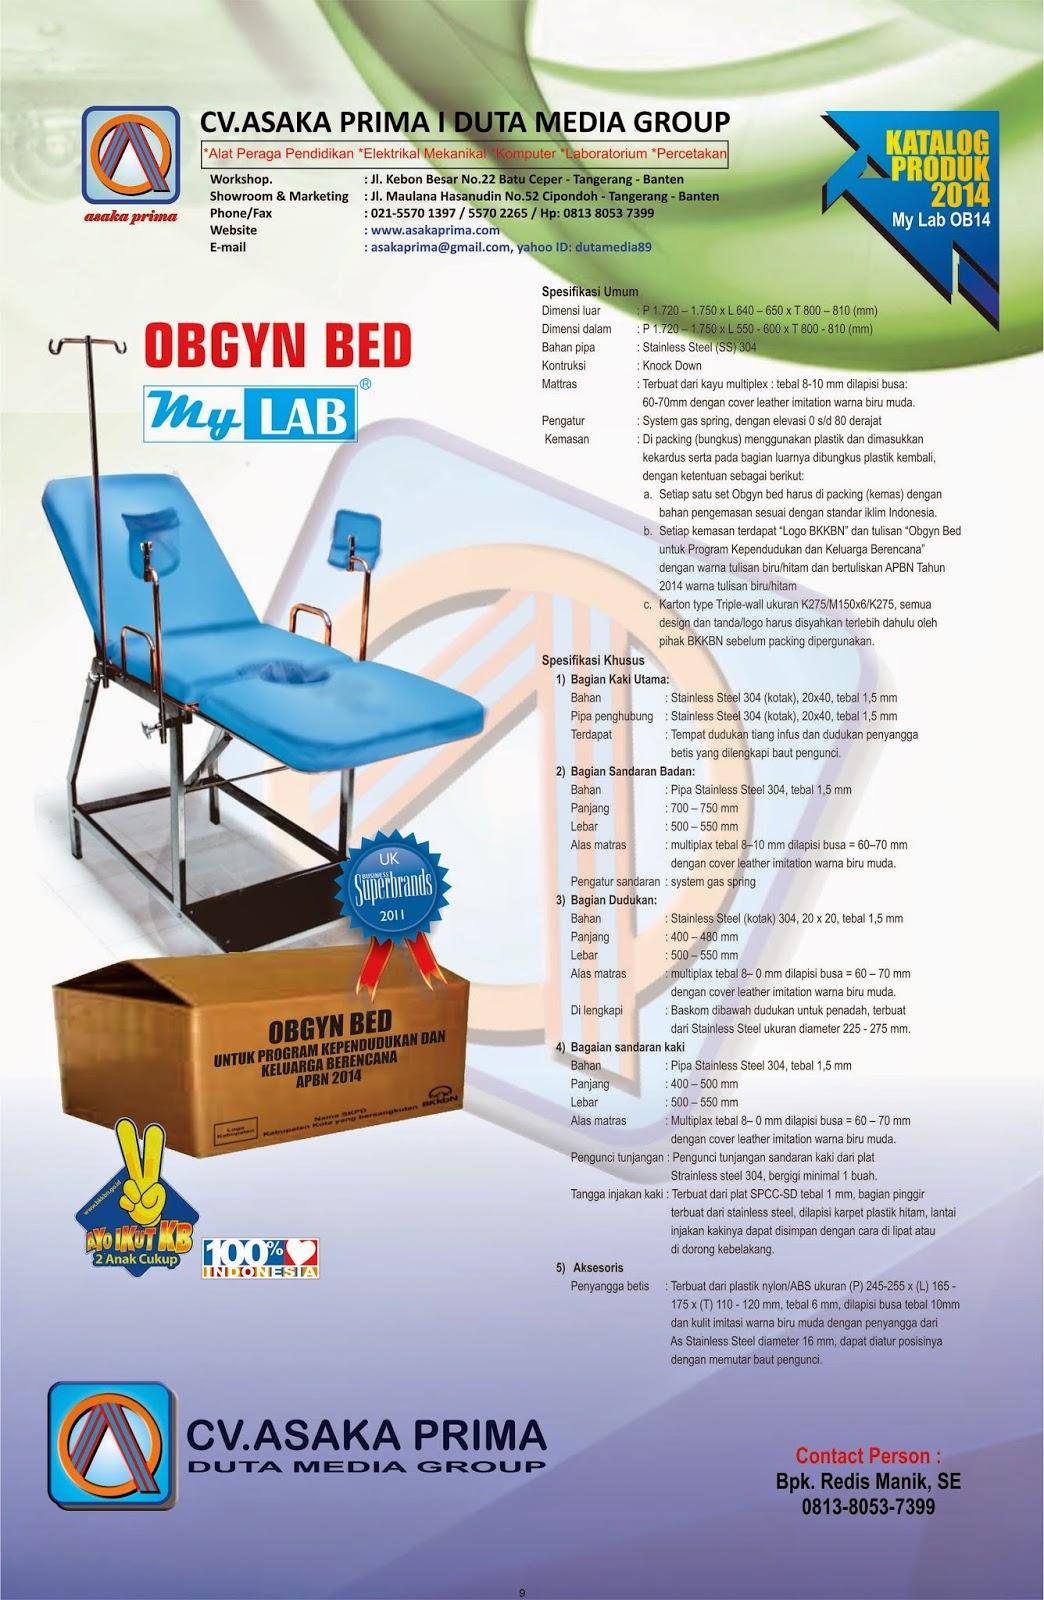 OBGYN BED dak BKKBN 2014~ Rab obgyn bed bkkbn  2014